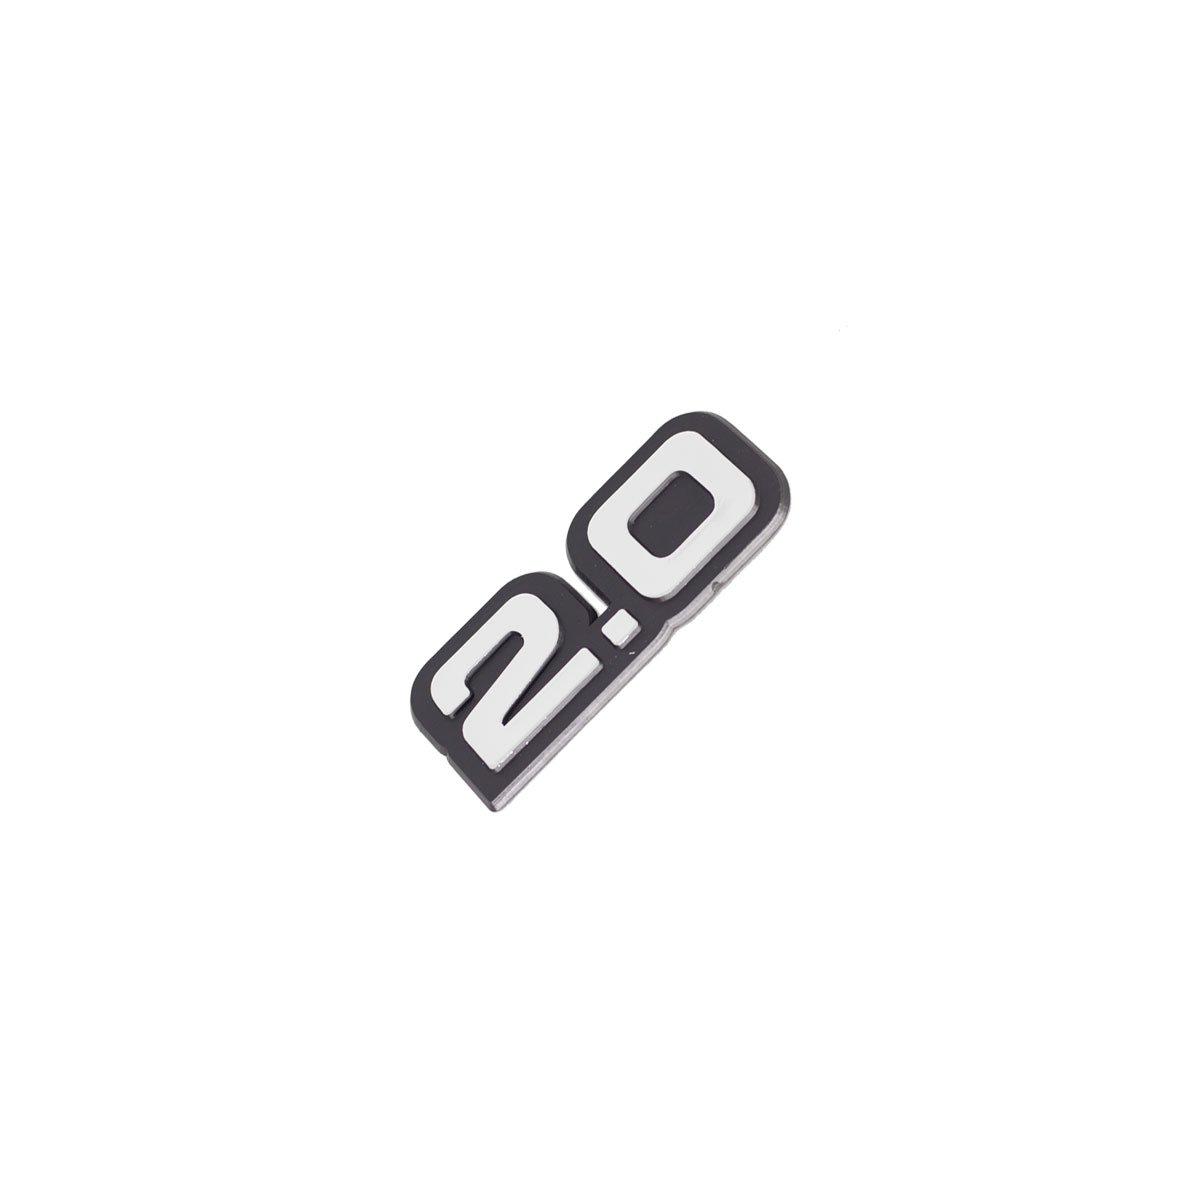 Emblema 2.0 Monza / Opala / Caravan / Todos /90 Brilhante